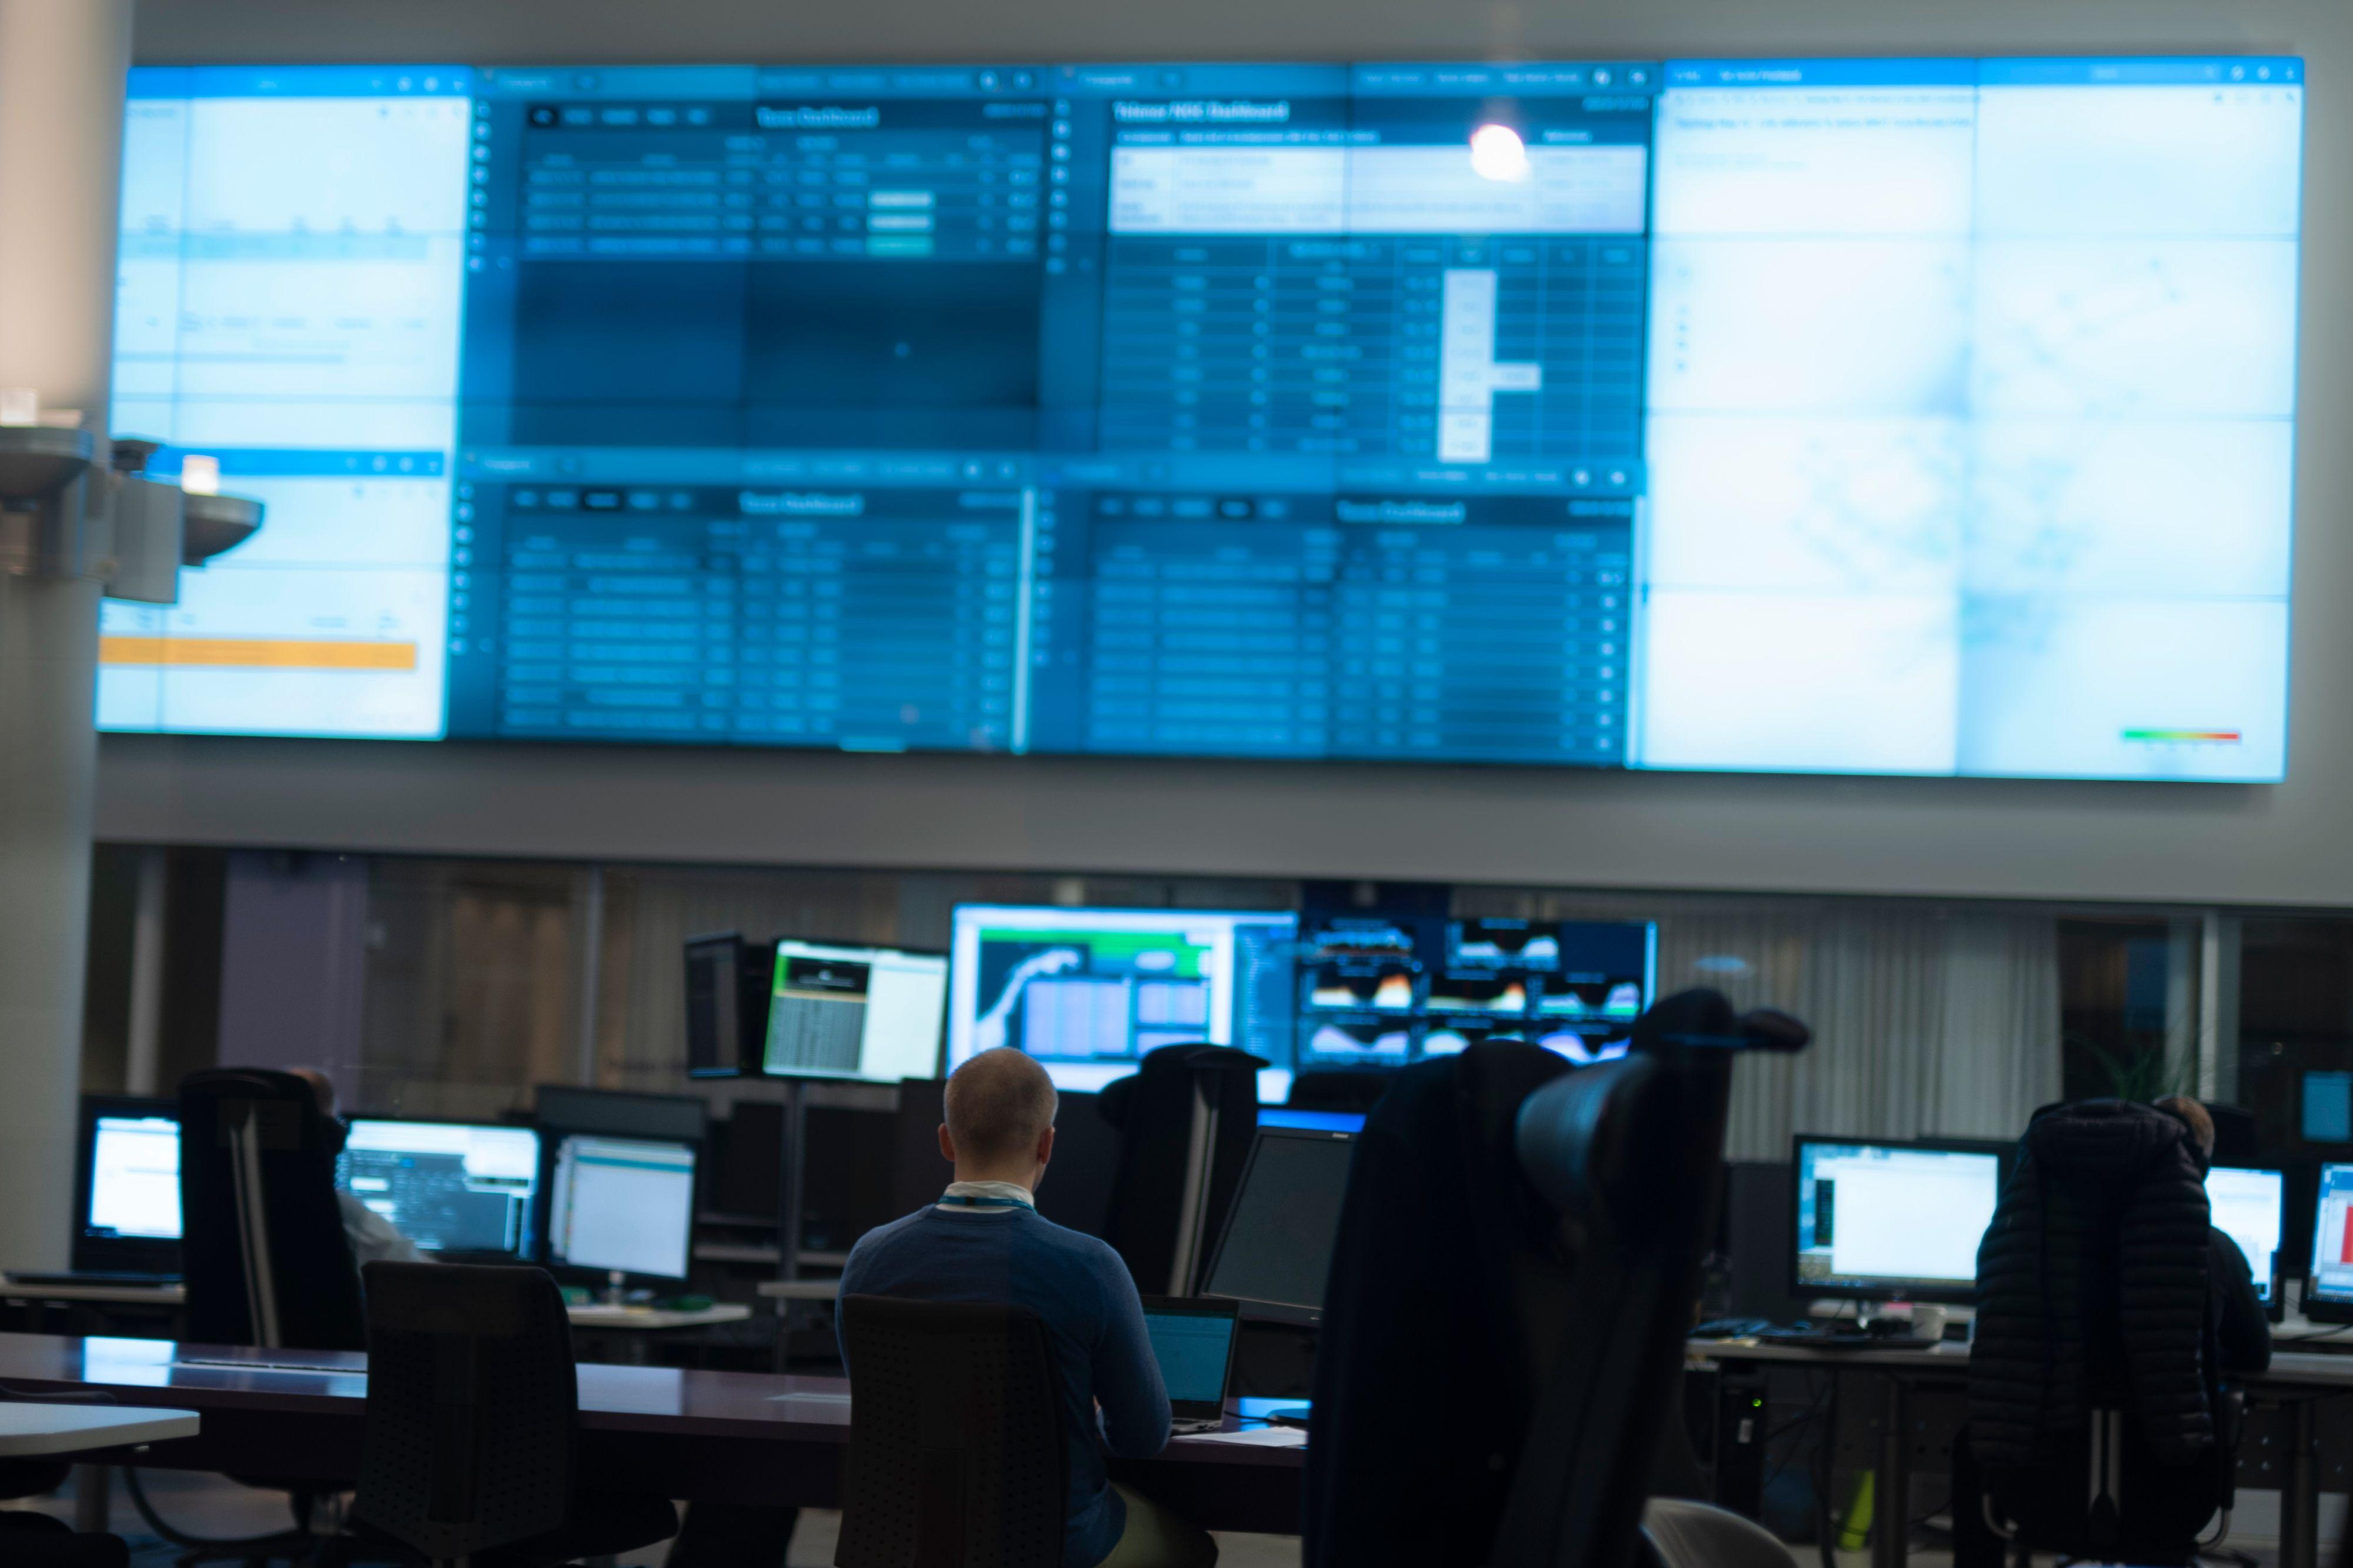 Telenors operasjonssentral ligger i hovedkvarteret på Fornebu. Der overvåkes alt som skjer i mobilnettet, og utfall dukker opp på en samling digre skjermer. Så langt har operatøren ikke hatt problemer på grunn av økt bruk av hjemmekontor.